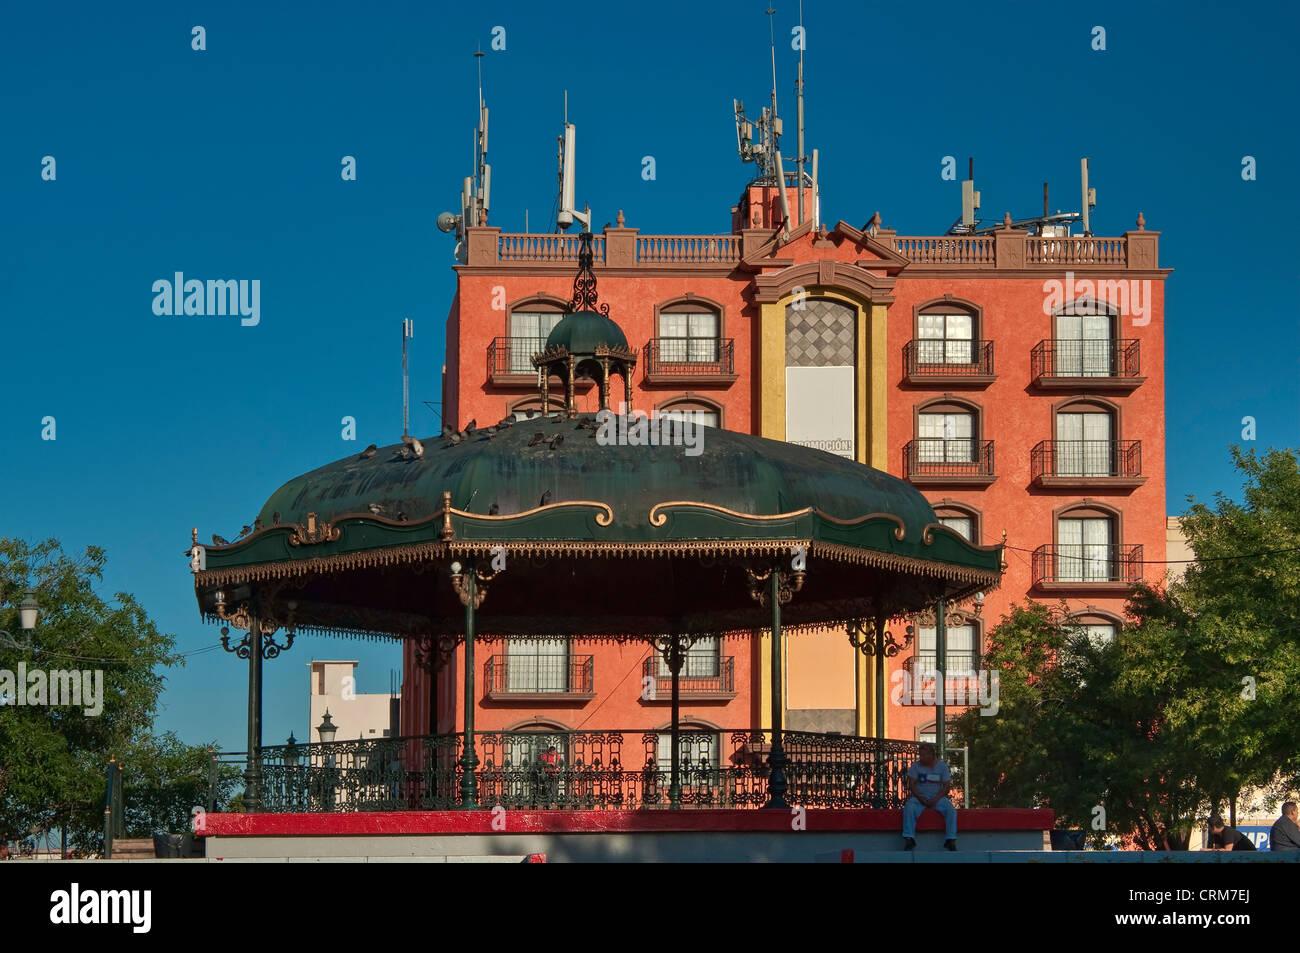 Hotel San Carlos and band stand at Plaza Principal in Reynosa, Rio Grande Valley, Tamaulipas, Mexico - Stock Image